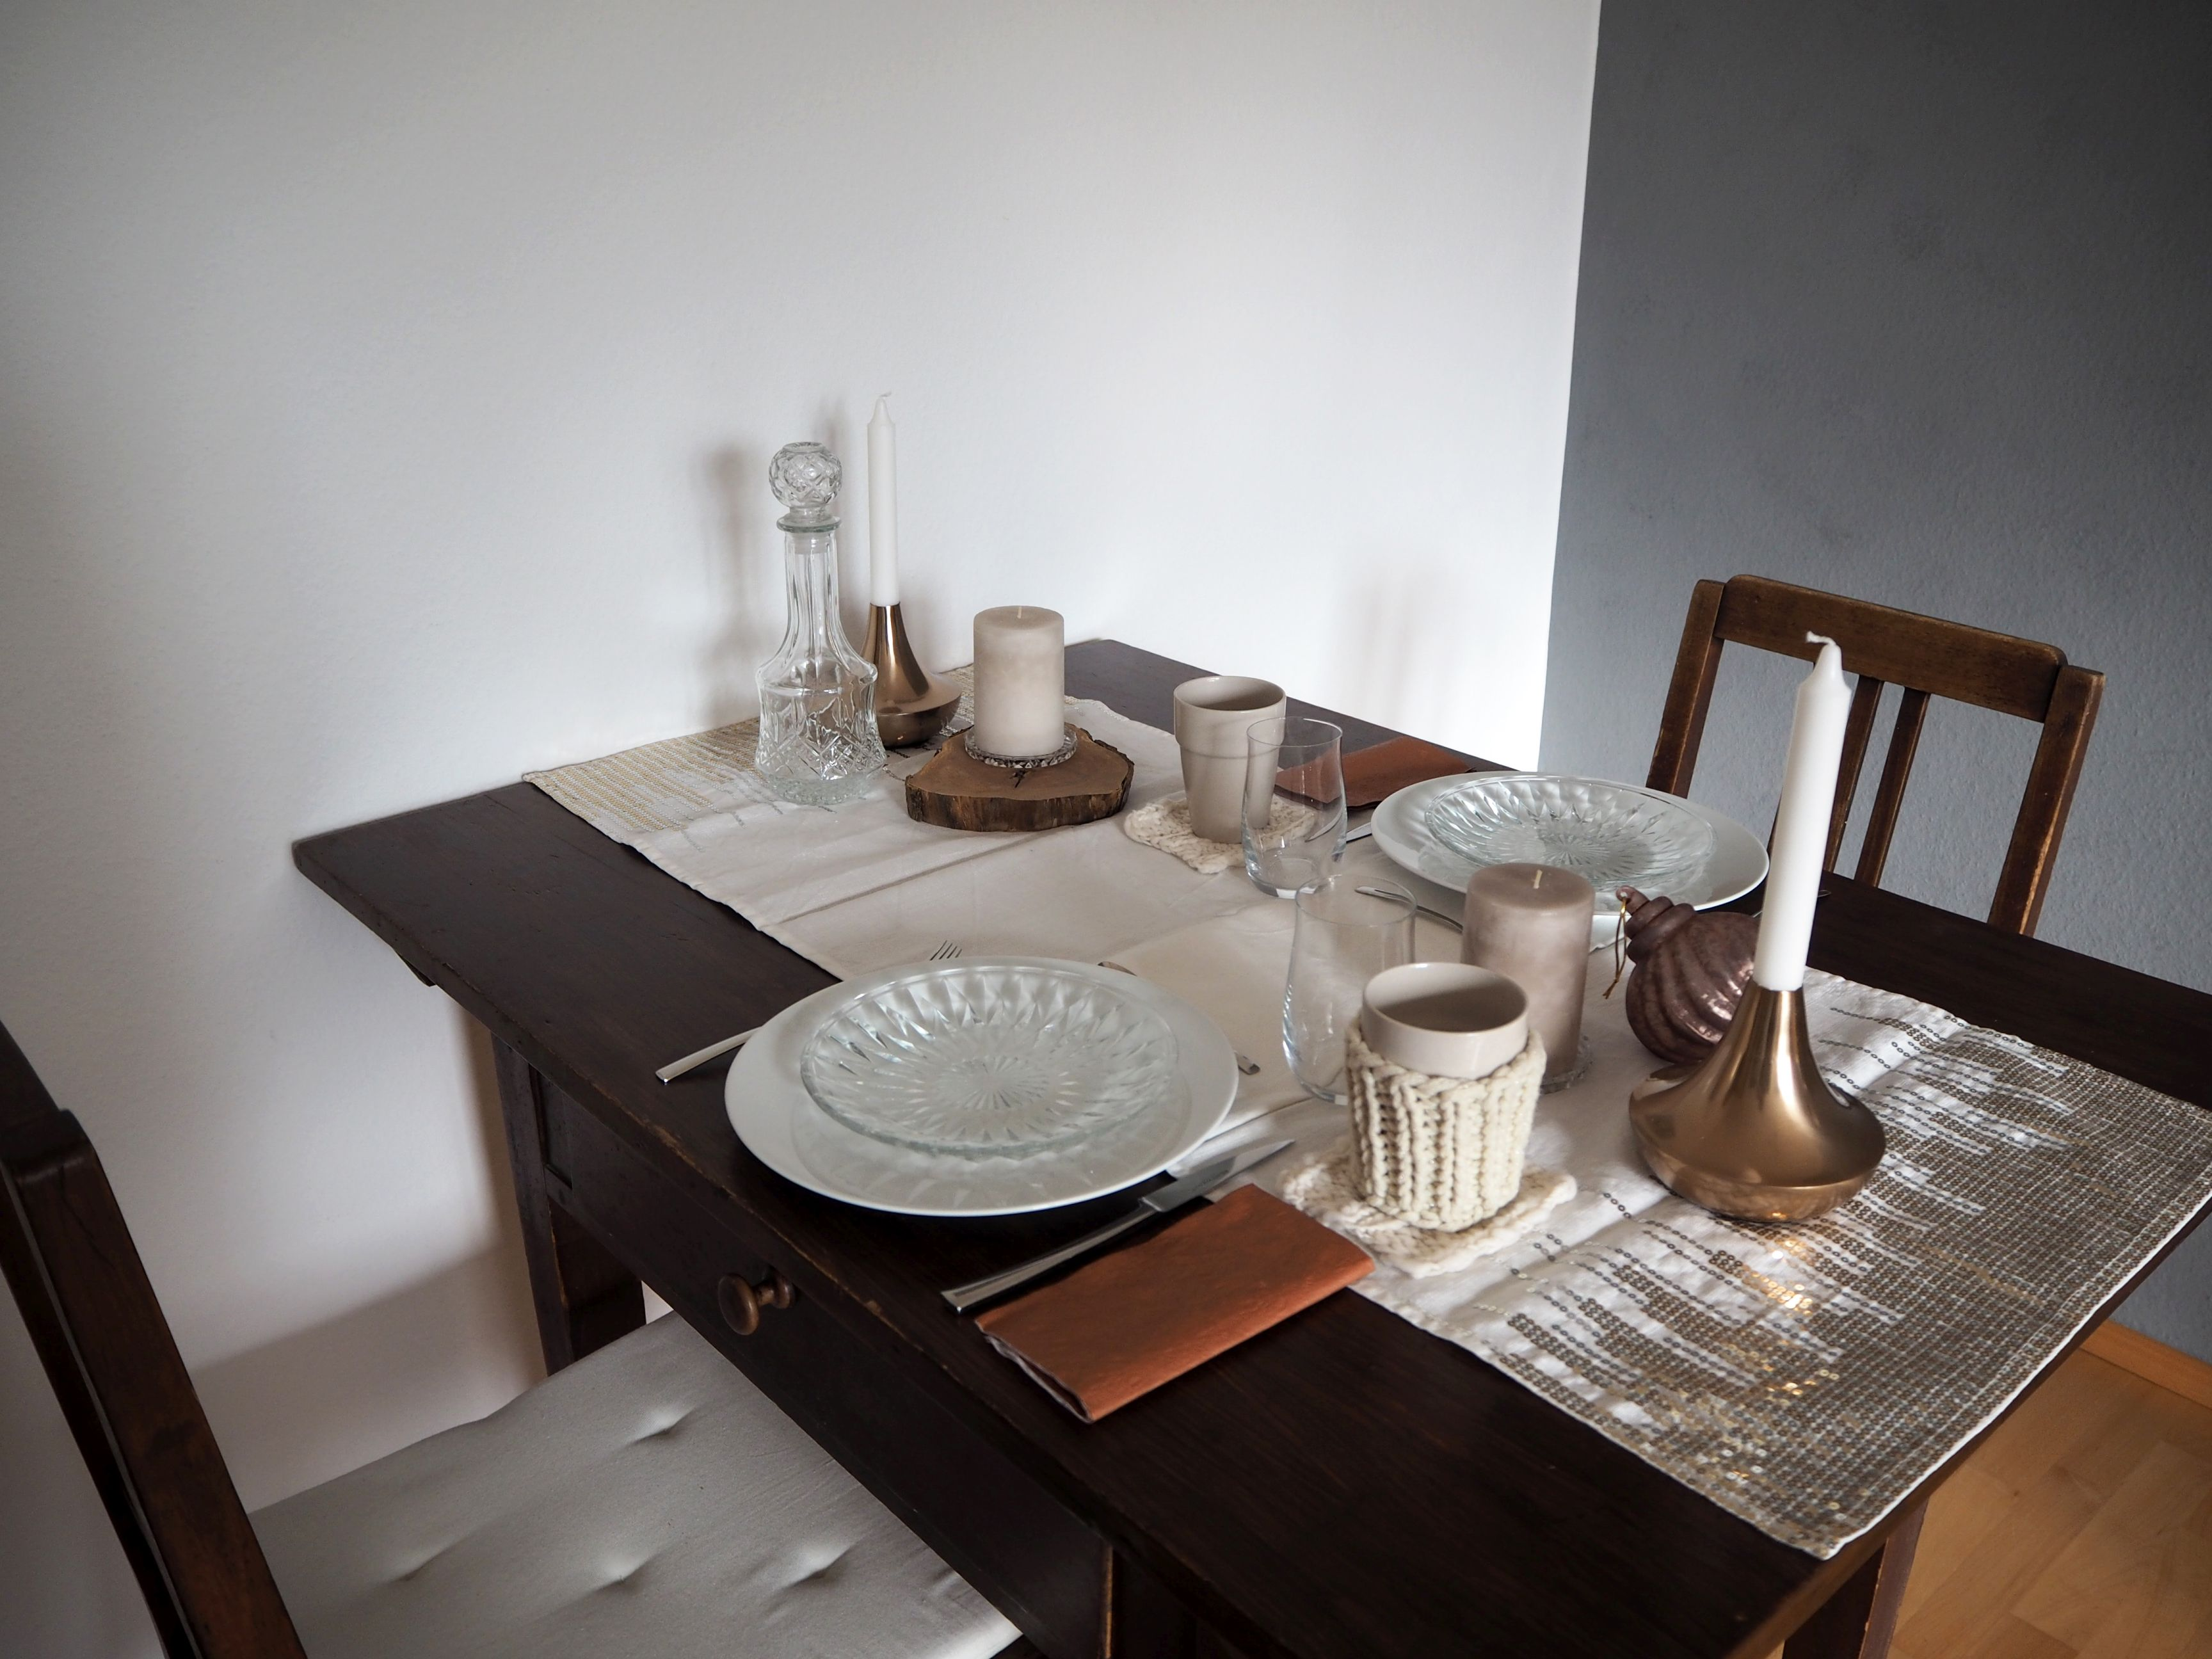 Tischdekoration Kupfernes Spiel Mit Licht Und Glas Skon Och Kreativ